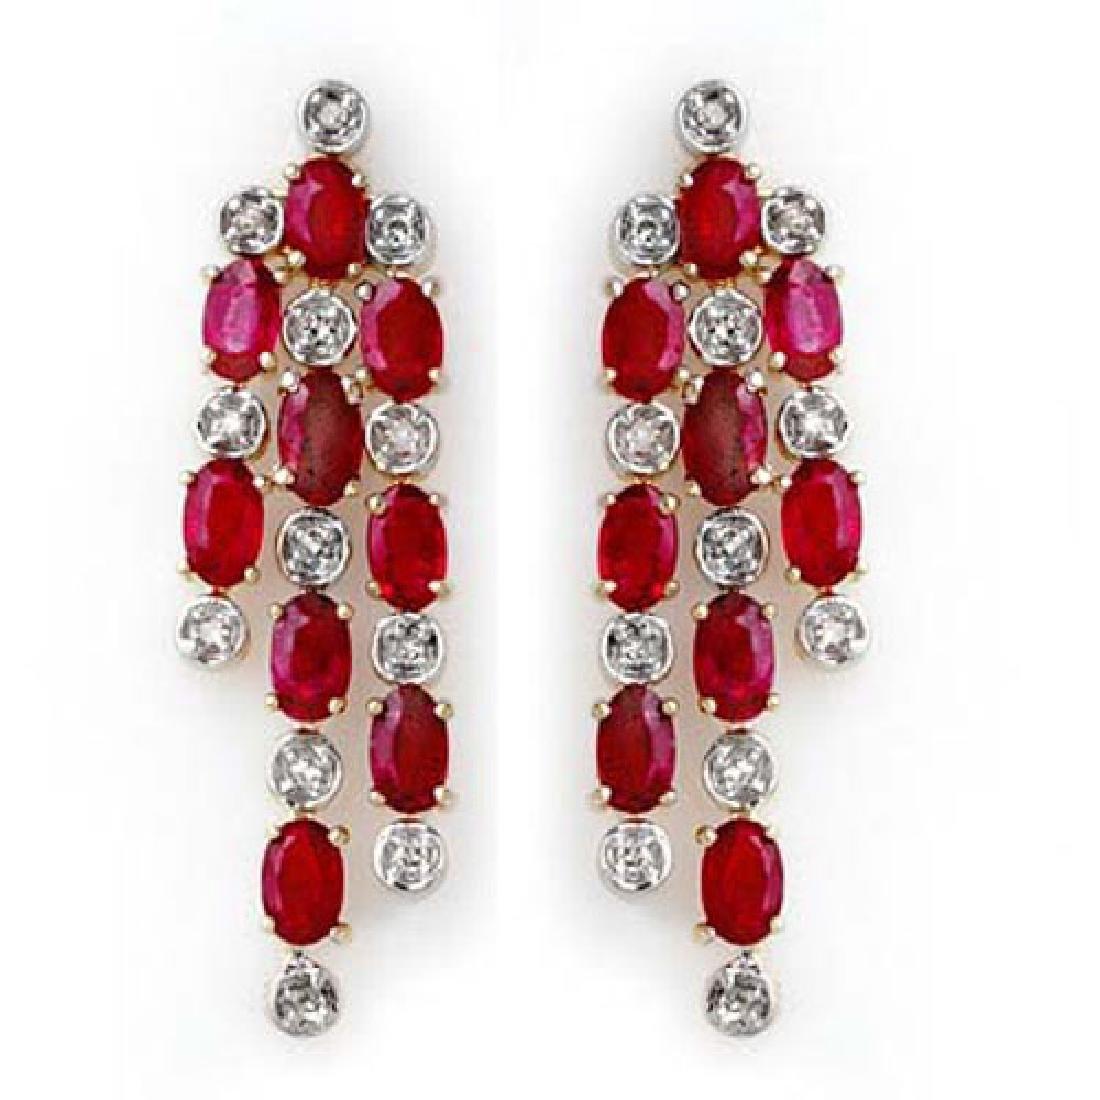 4.03 CTW Ruby & Diamond Earrings 14K Yellow Gold